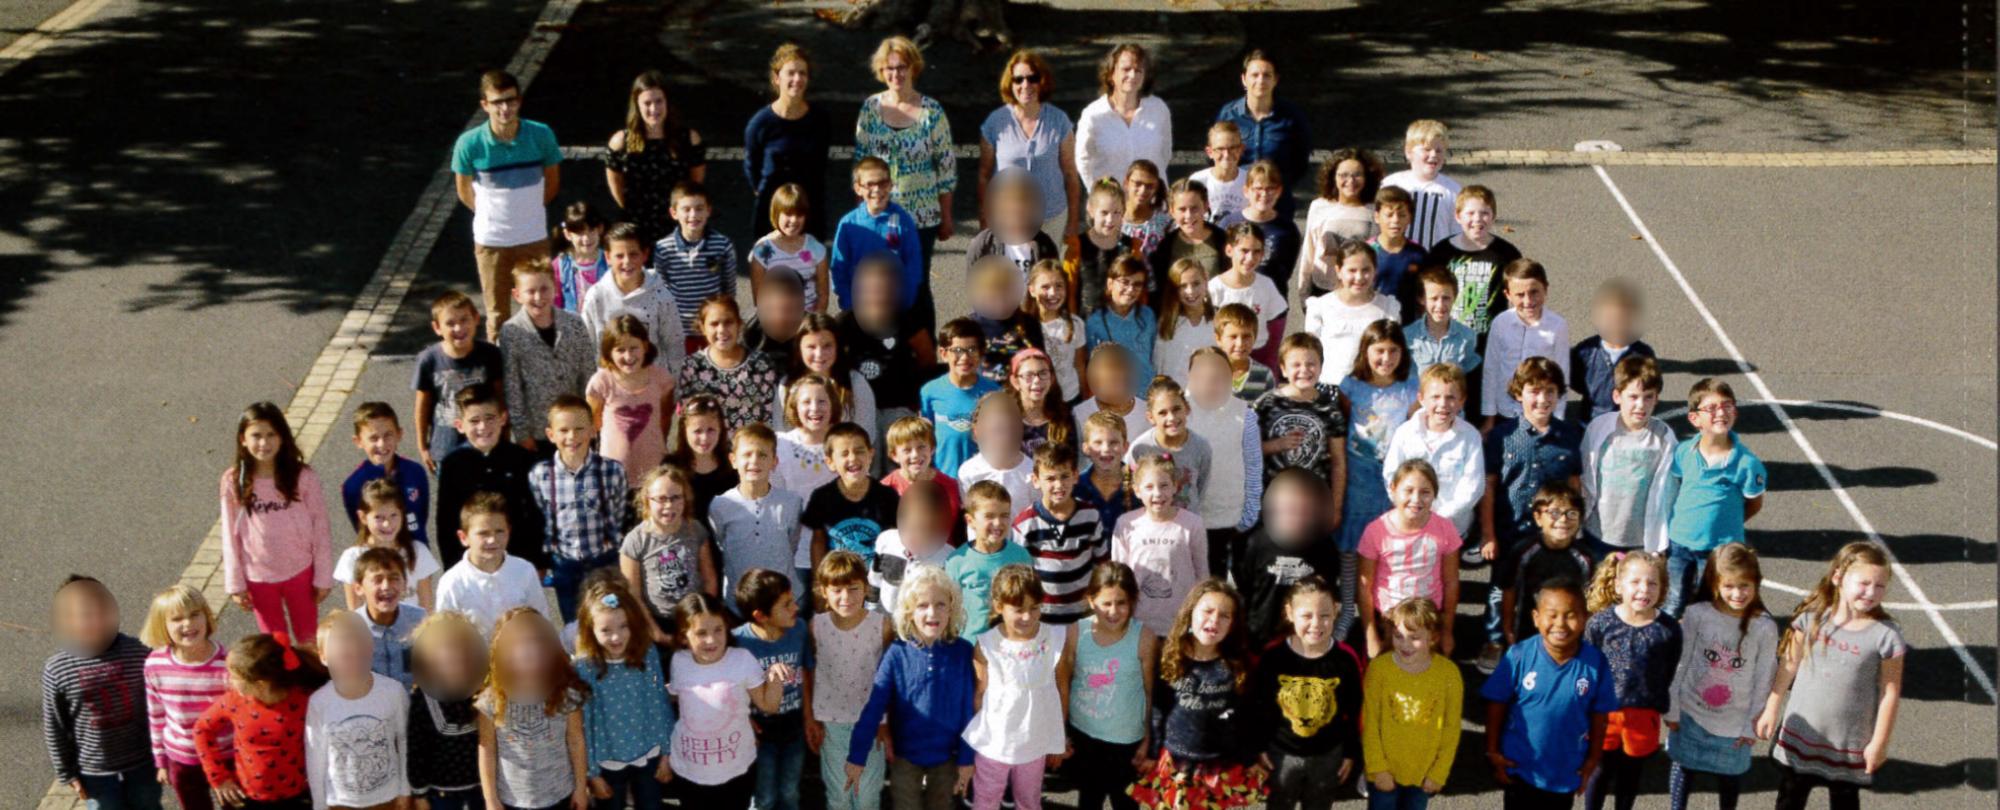 École élémentaire Marc Mouclier d'Aigre